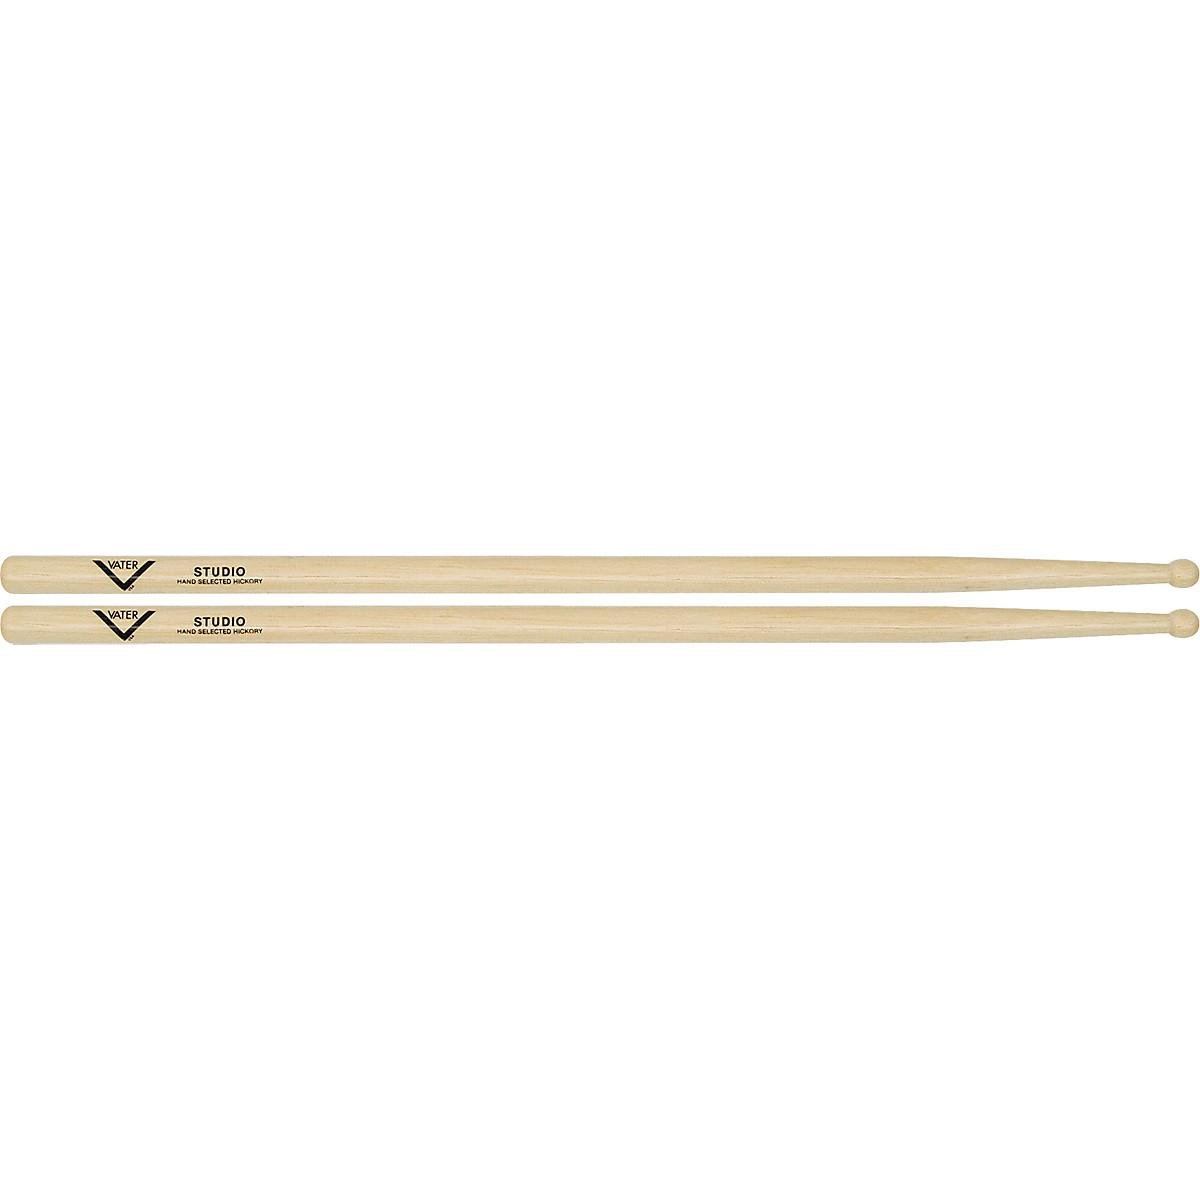 Vater Studio Drumsticks